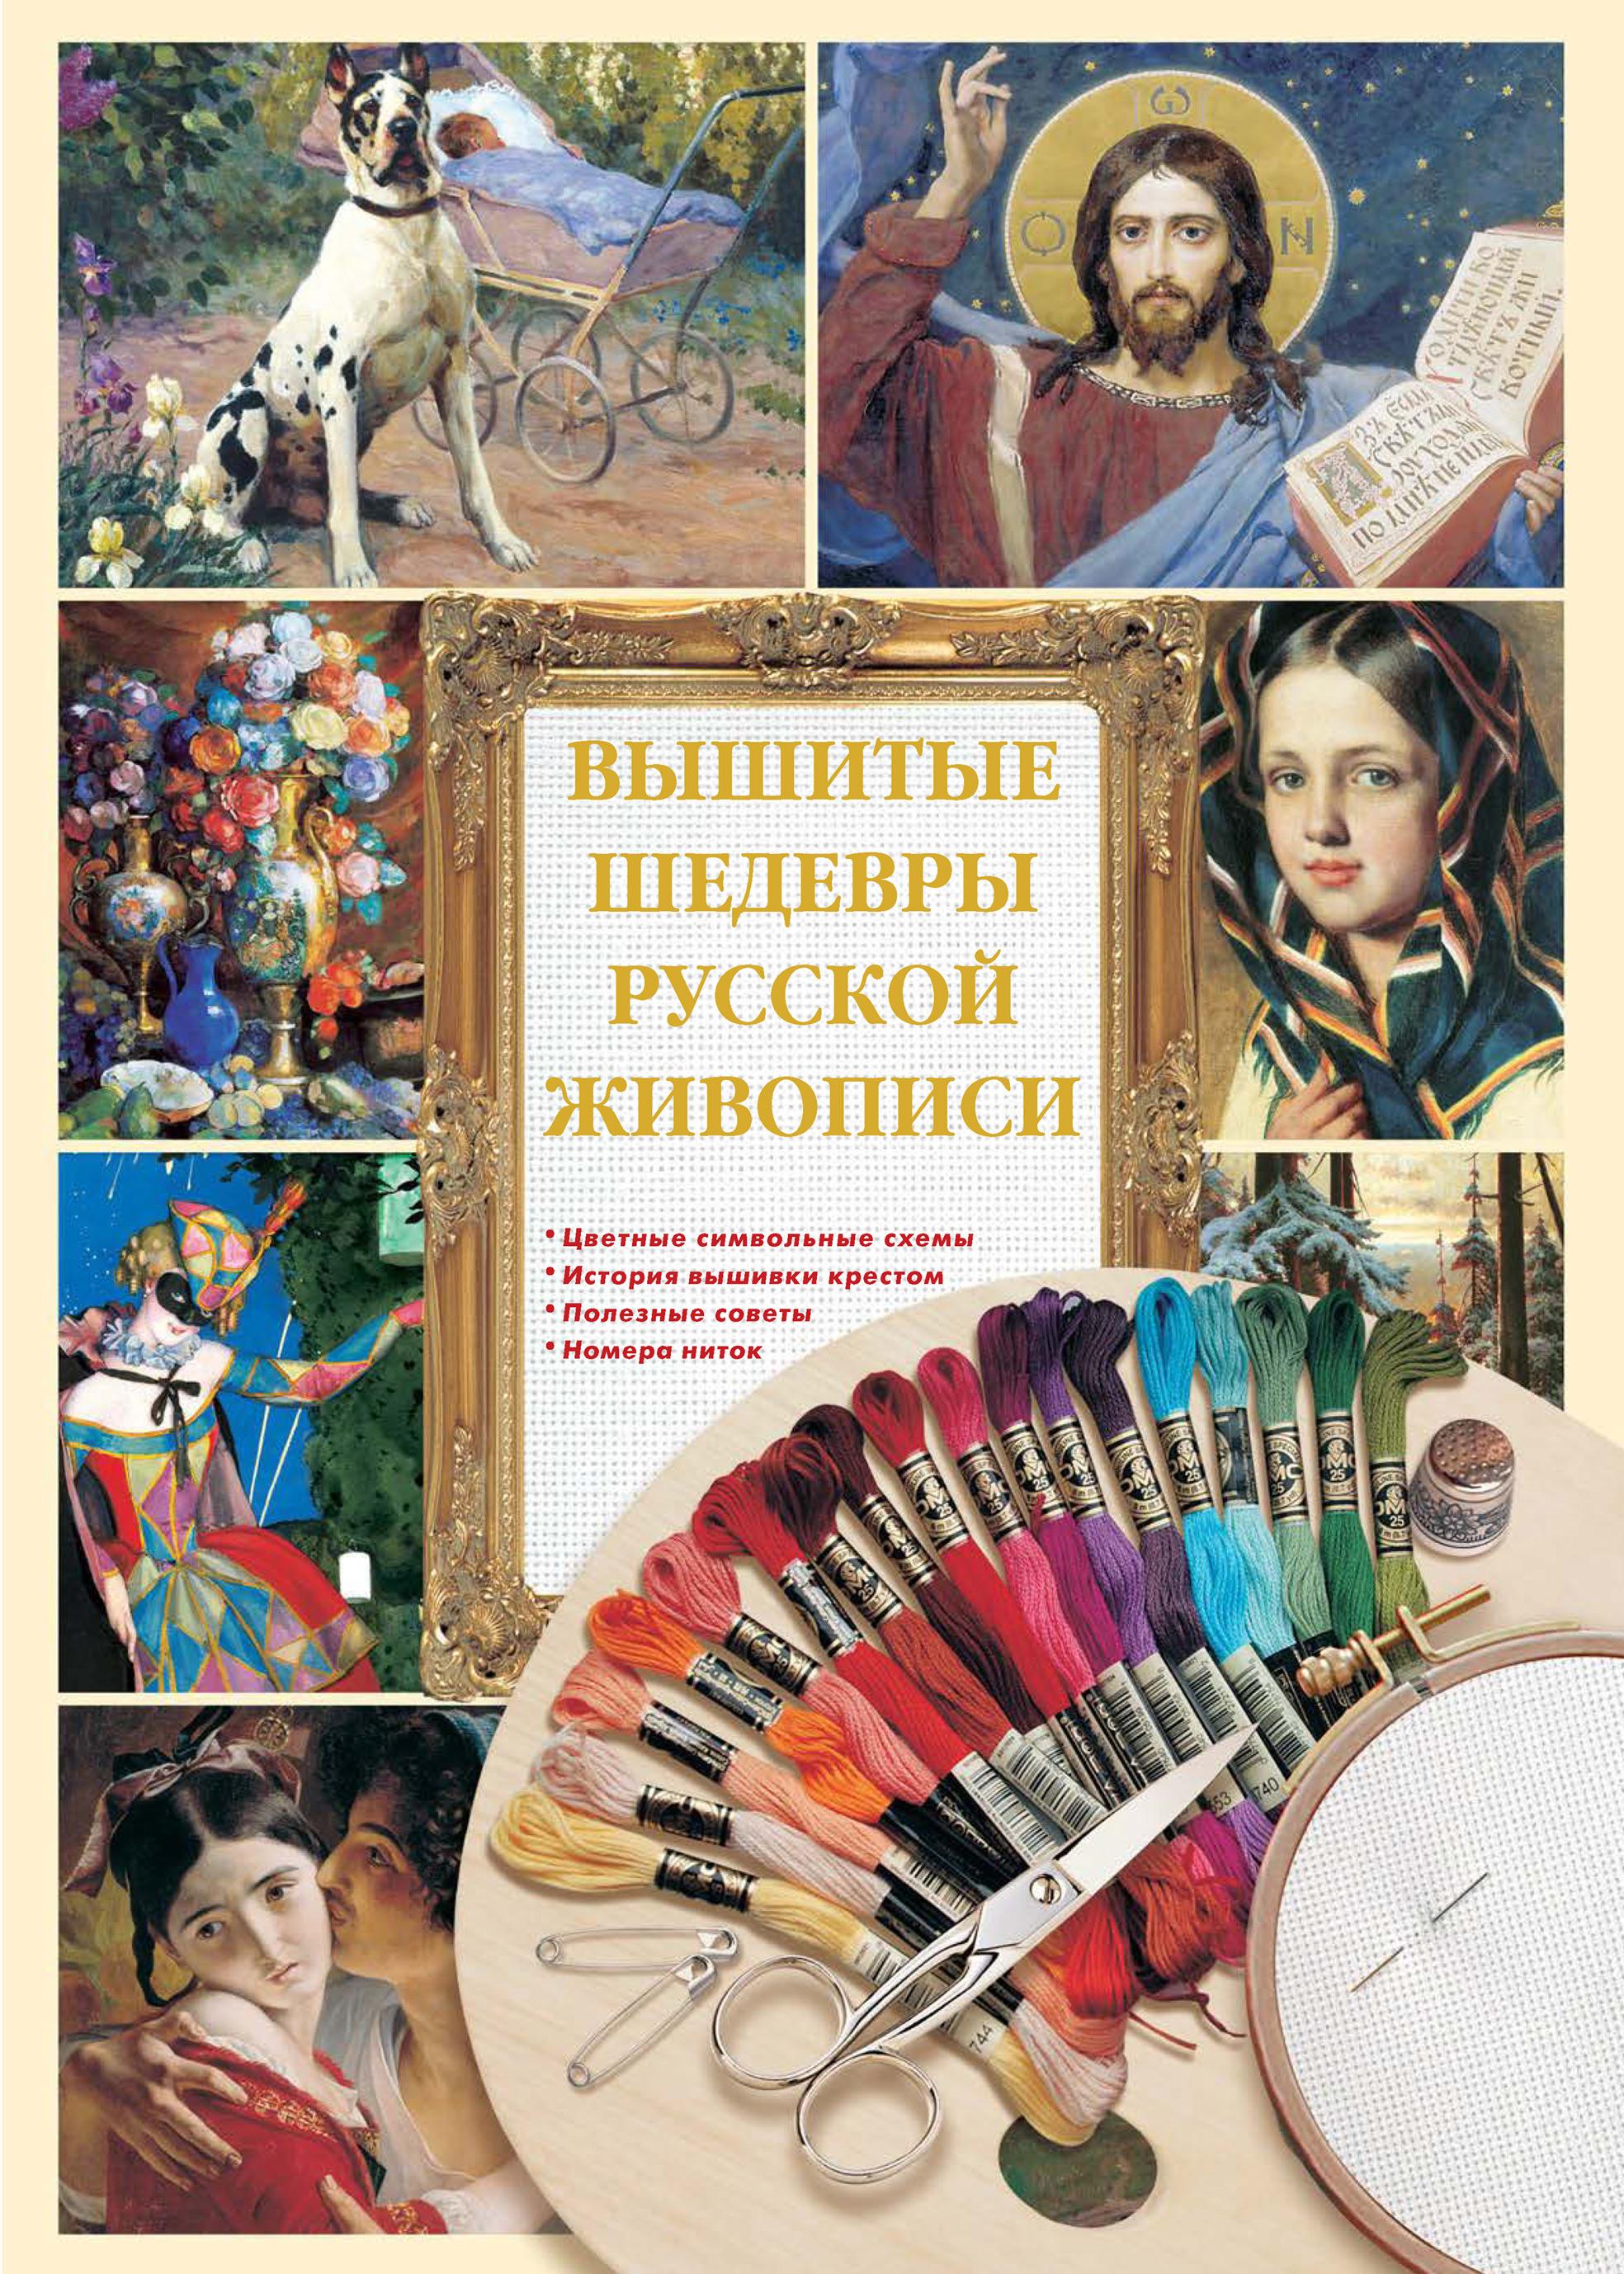 vyshitye shedevry russkoy zhivopisi